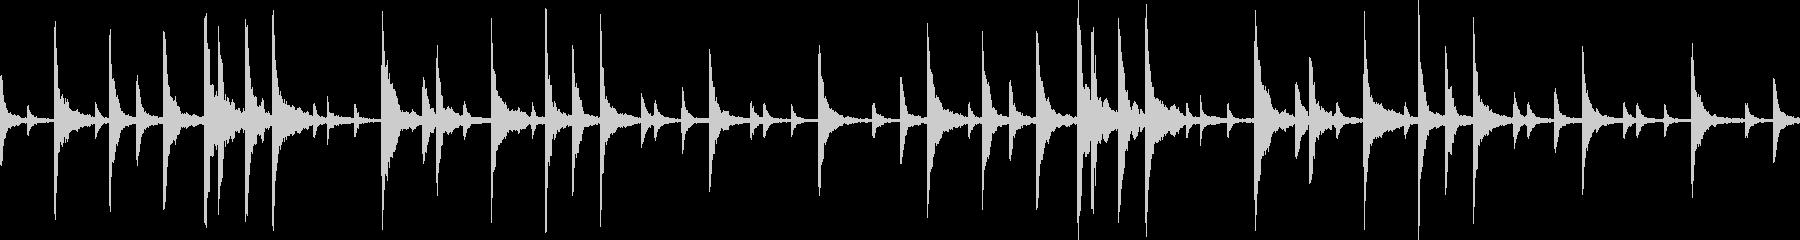 悲しい雰囲気のピアノ曲ですの未再生の波形